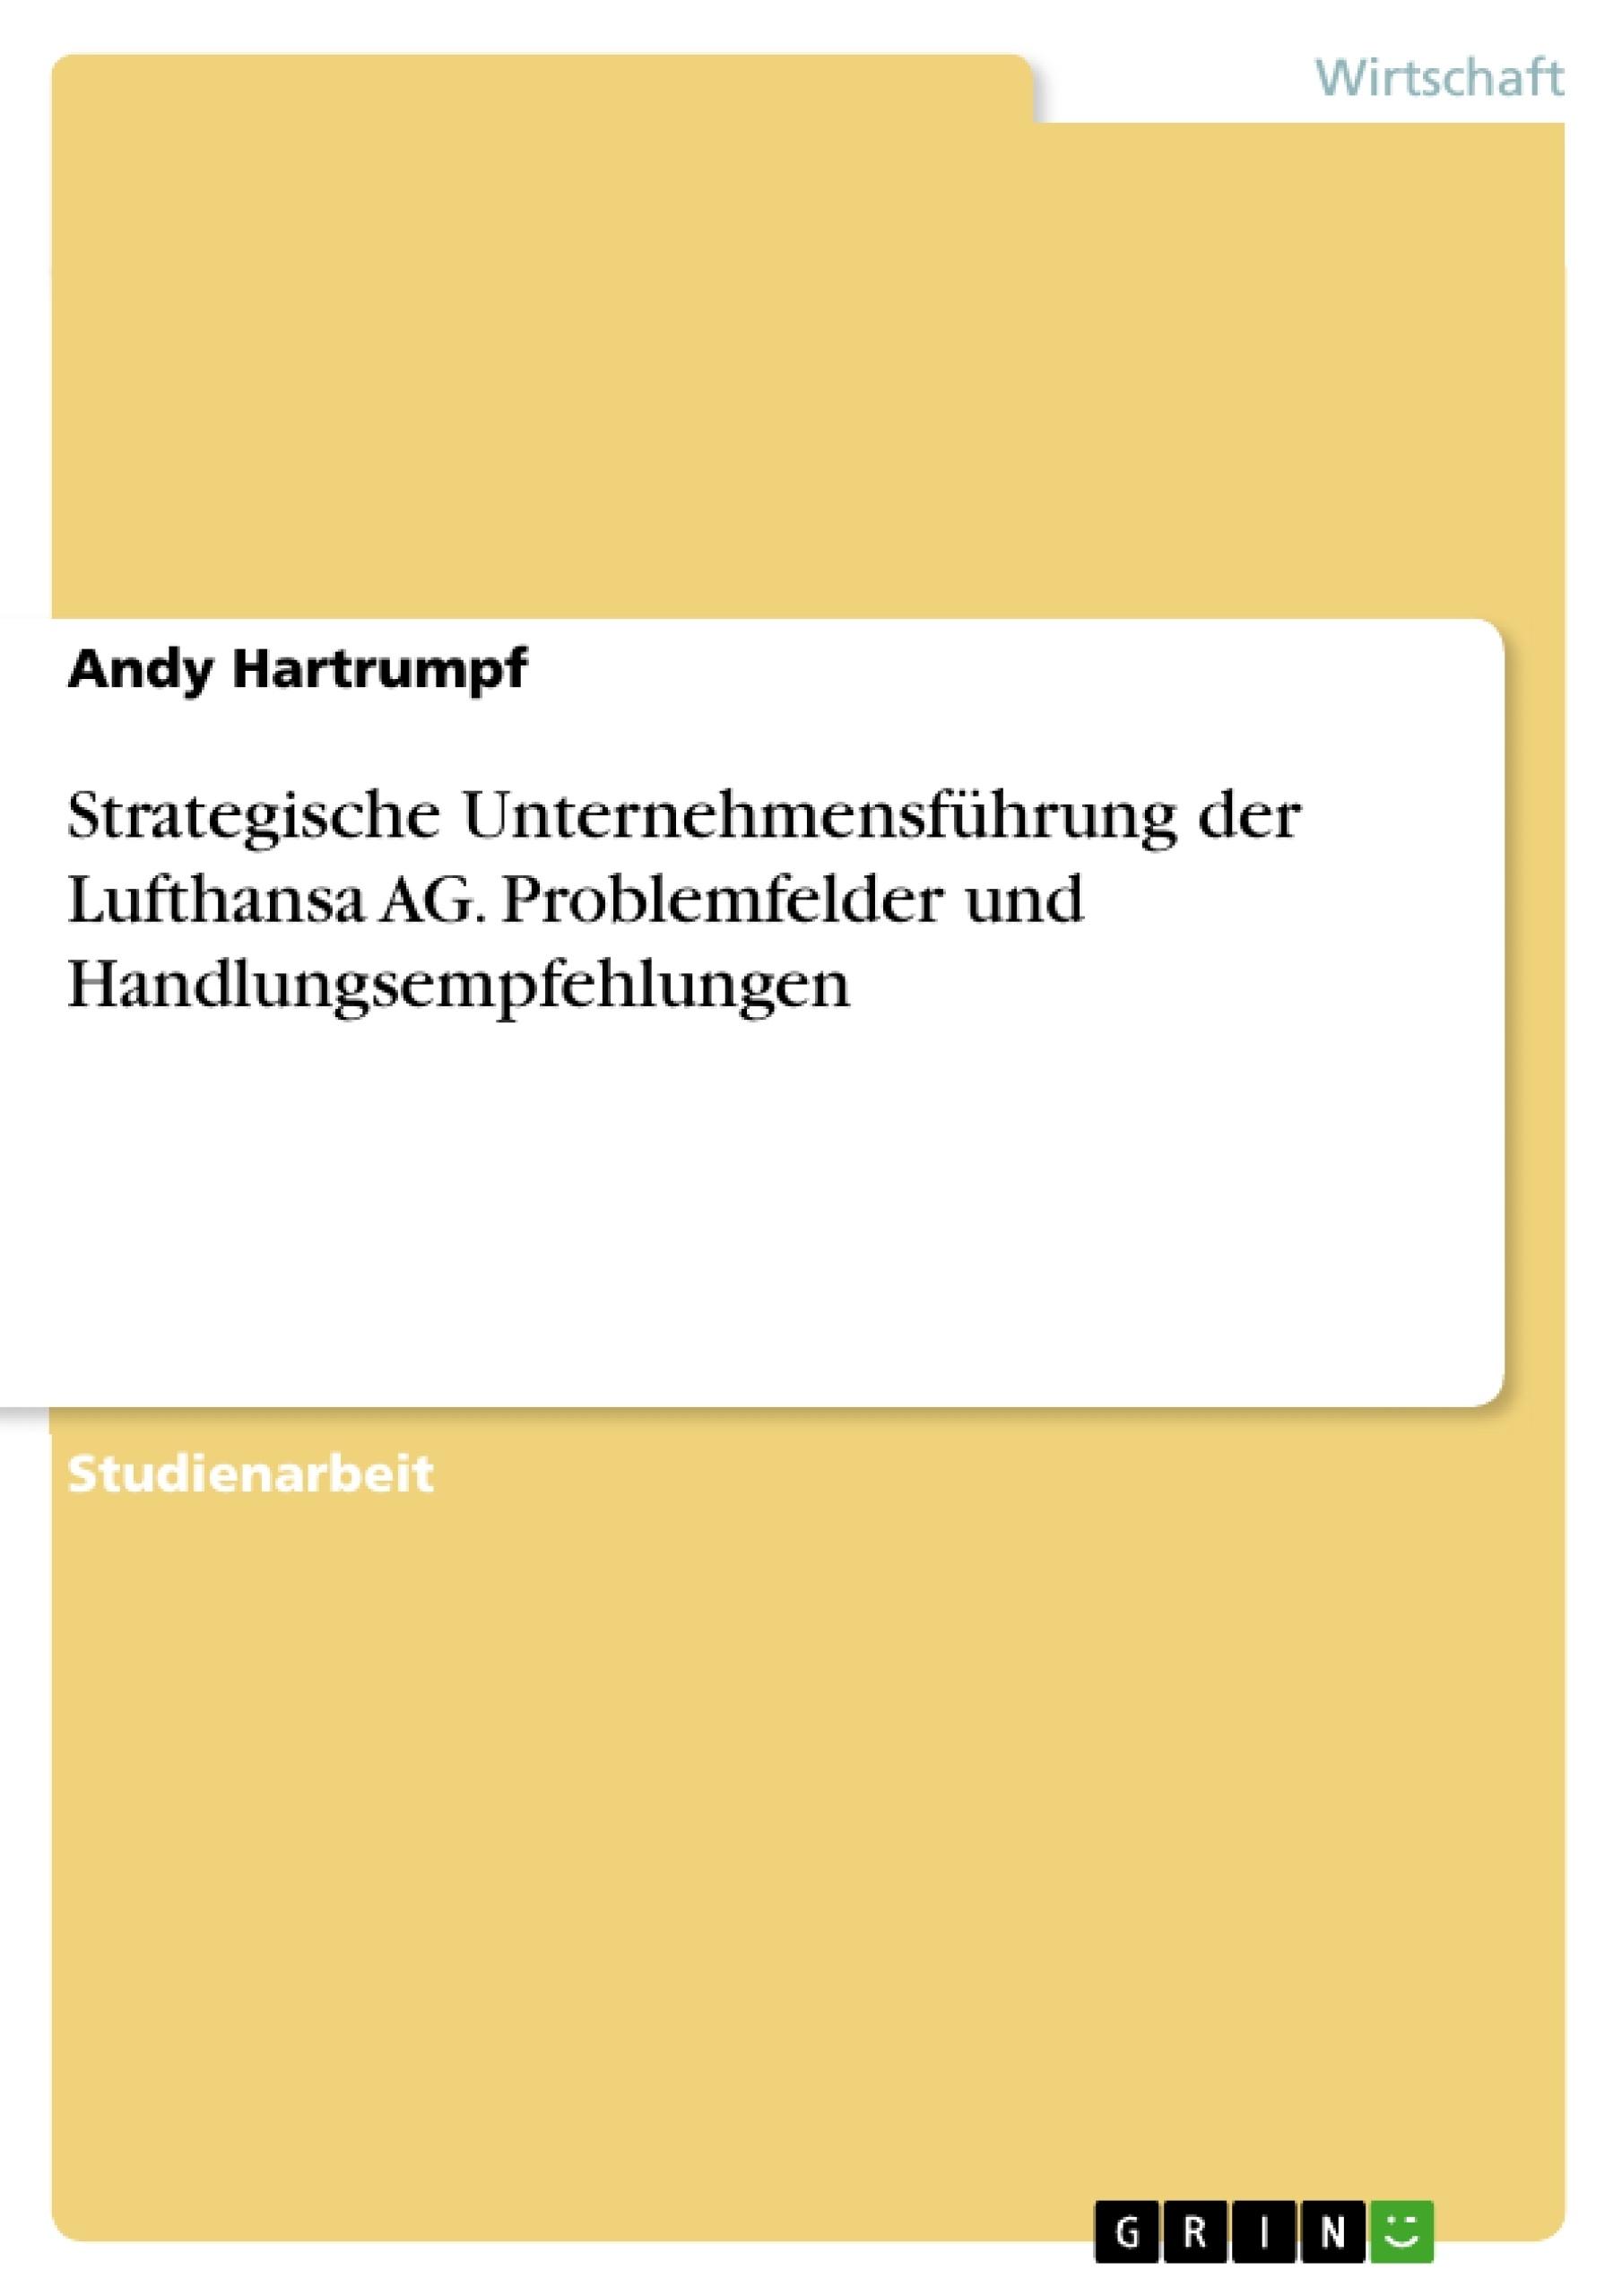 Titel: Strategische Unternehmensführung der Lufthansa AG. Problemfelder und Handlungsempfehlungen